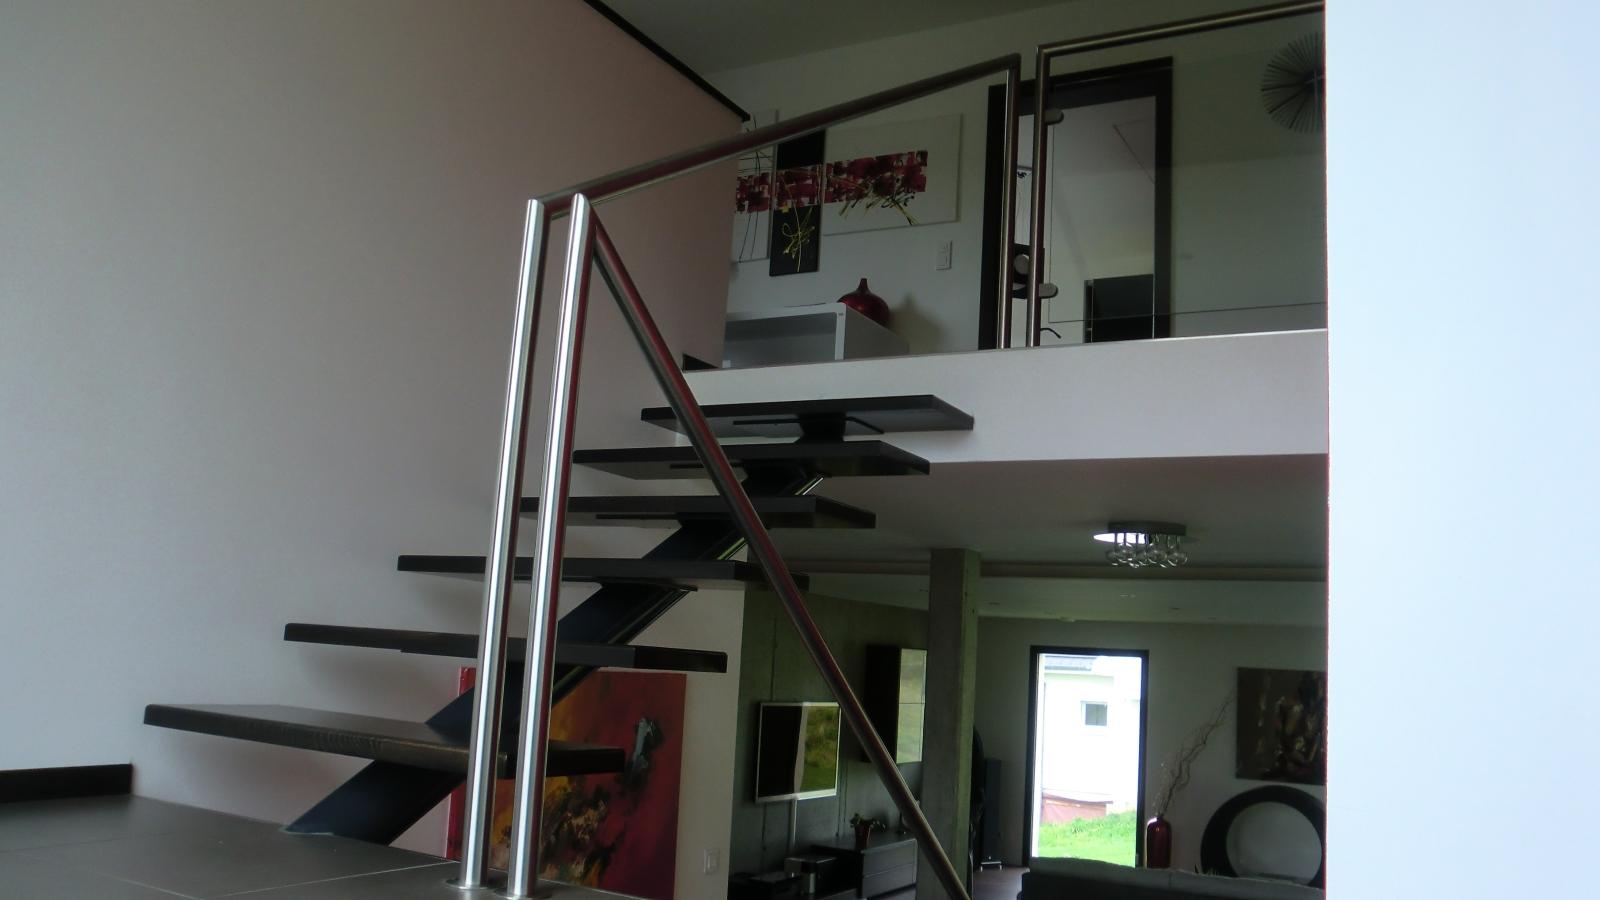 escalier schiklin. Black Bedroom Furniture Sets. Home Design Ideas